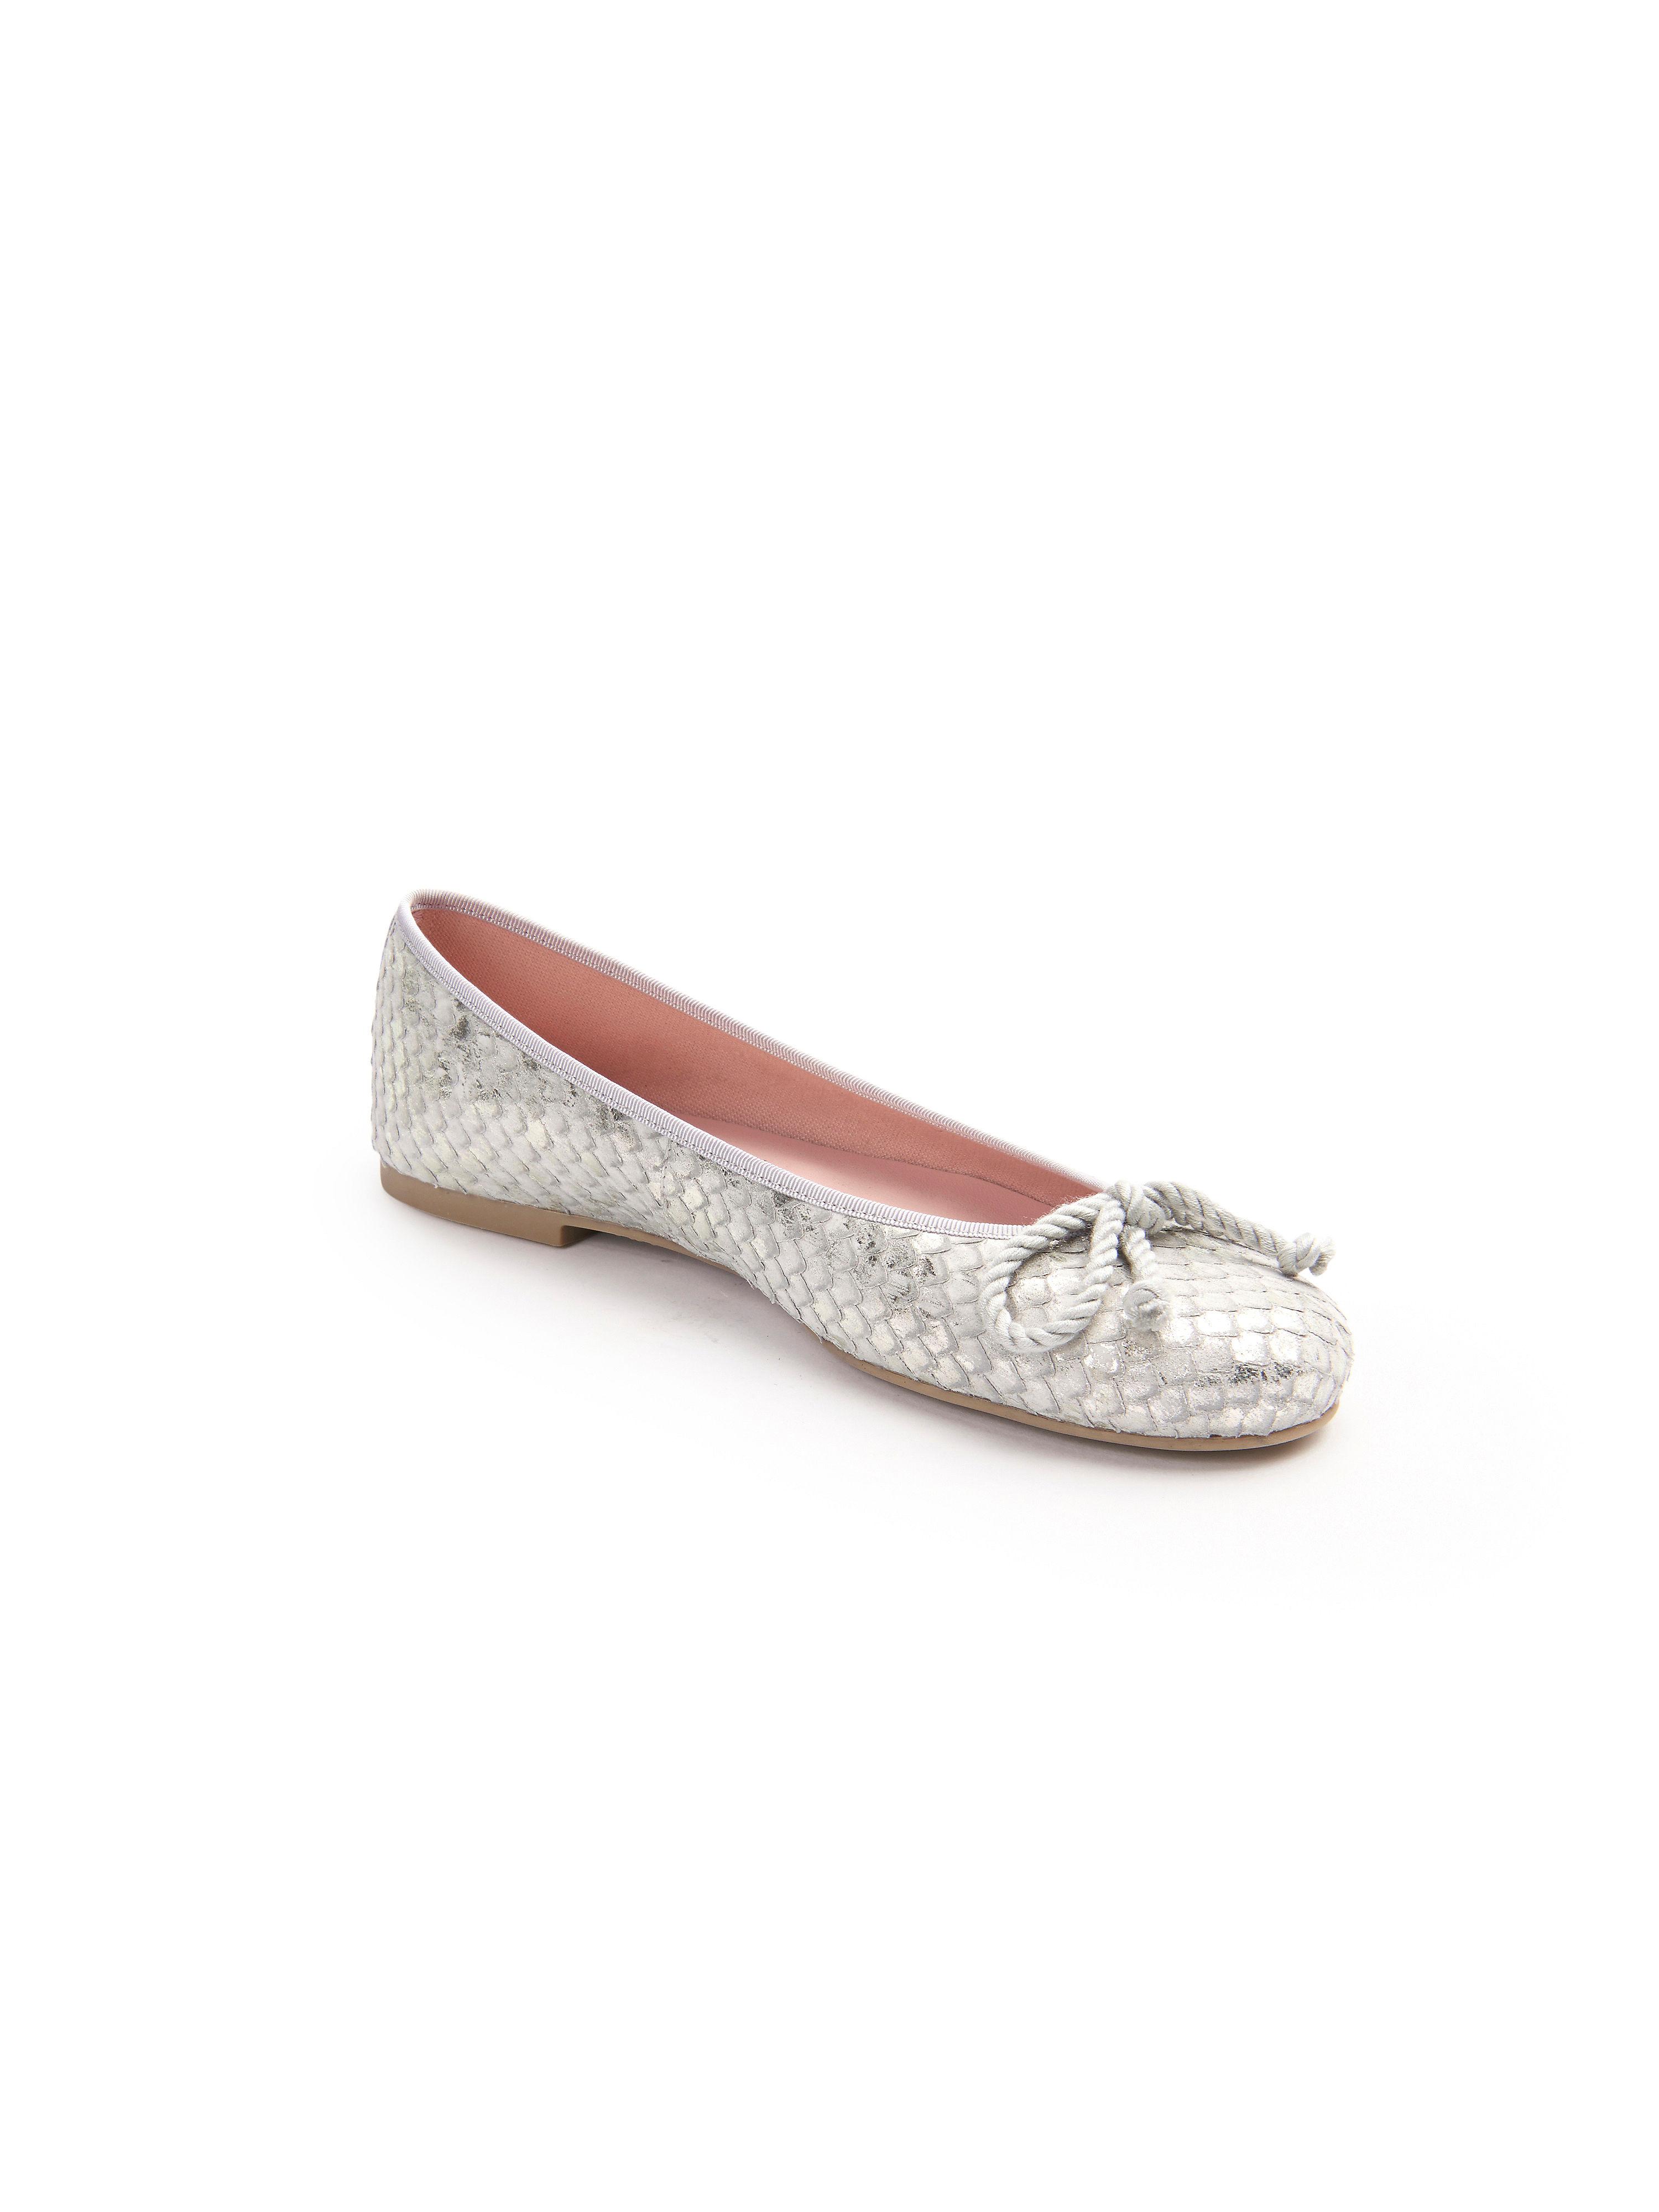 Ballerina von Pretty Ballerinas in modischem Look. Silber-Metallic aus  Rindsleder und Gold-